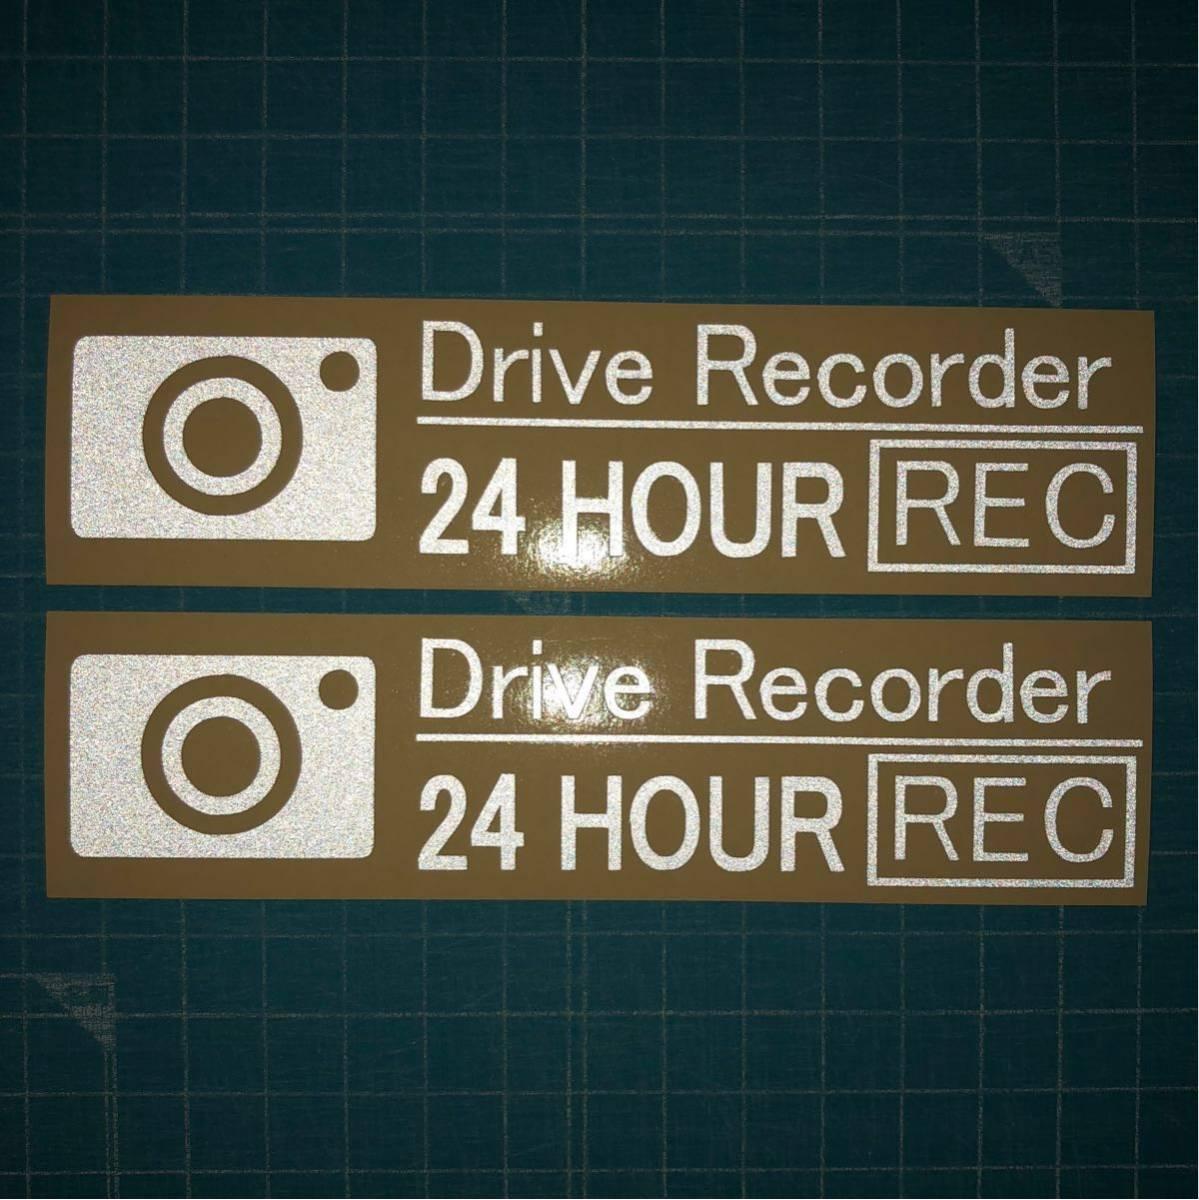 送料無料 ドライブレコーダー セキュリティ 反射ステッカー 24 HOUR REC 反射シルバー 2枚組 ドラレコ21 ヘラフラ usdm jdm